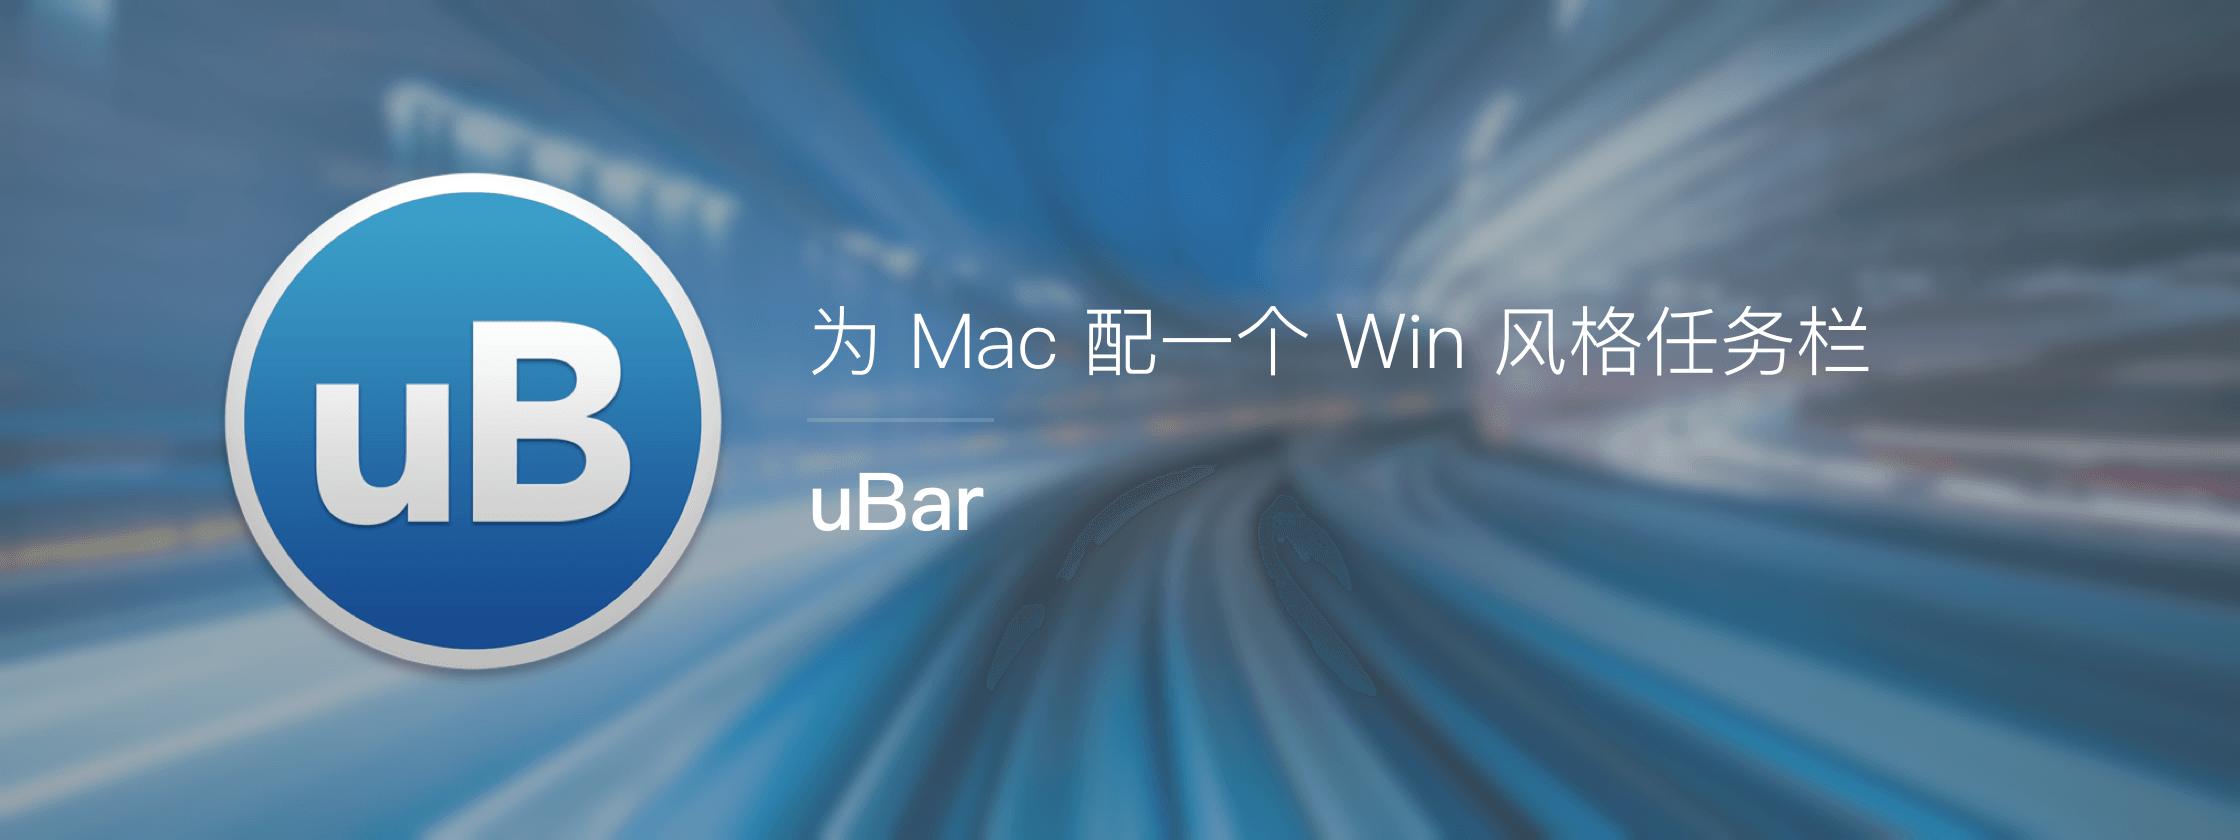 uBar – 为 Mac 配一个 Win 风格任务栏